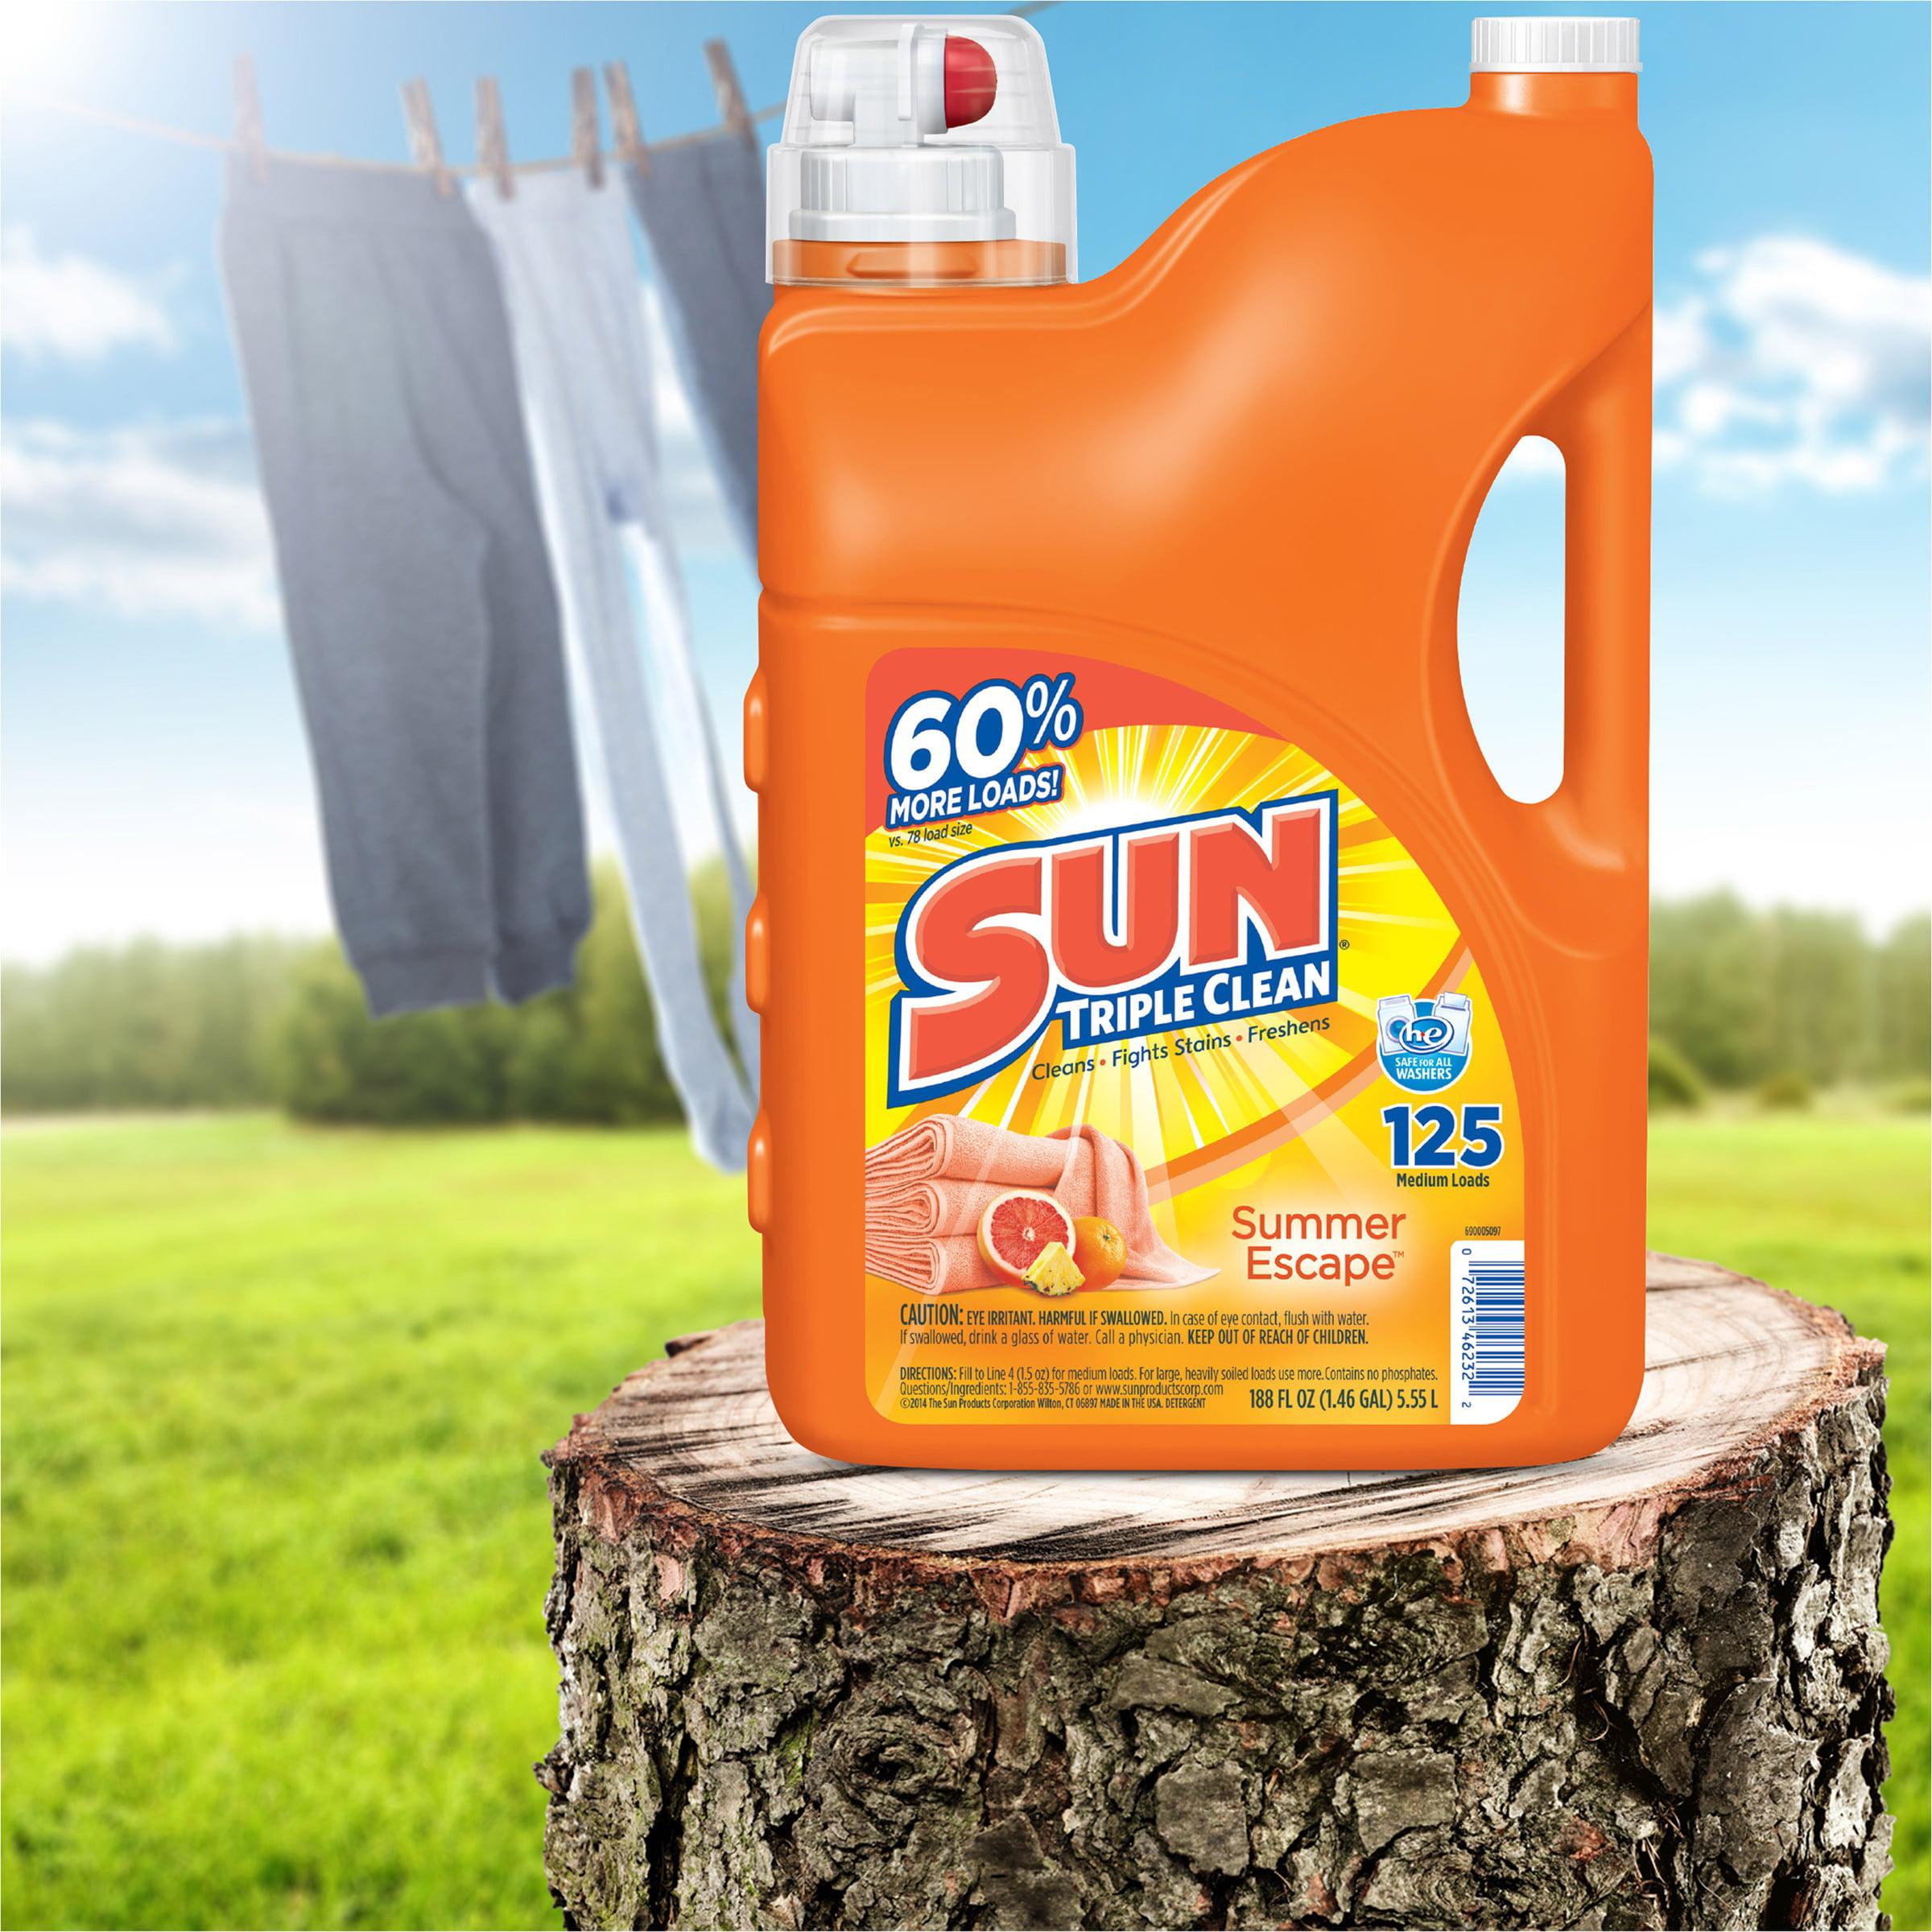 Sun Triple Clean Laundry Detergent Summer Escape 125